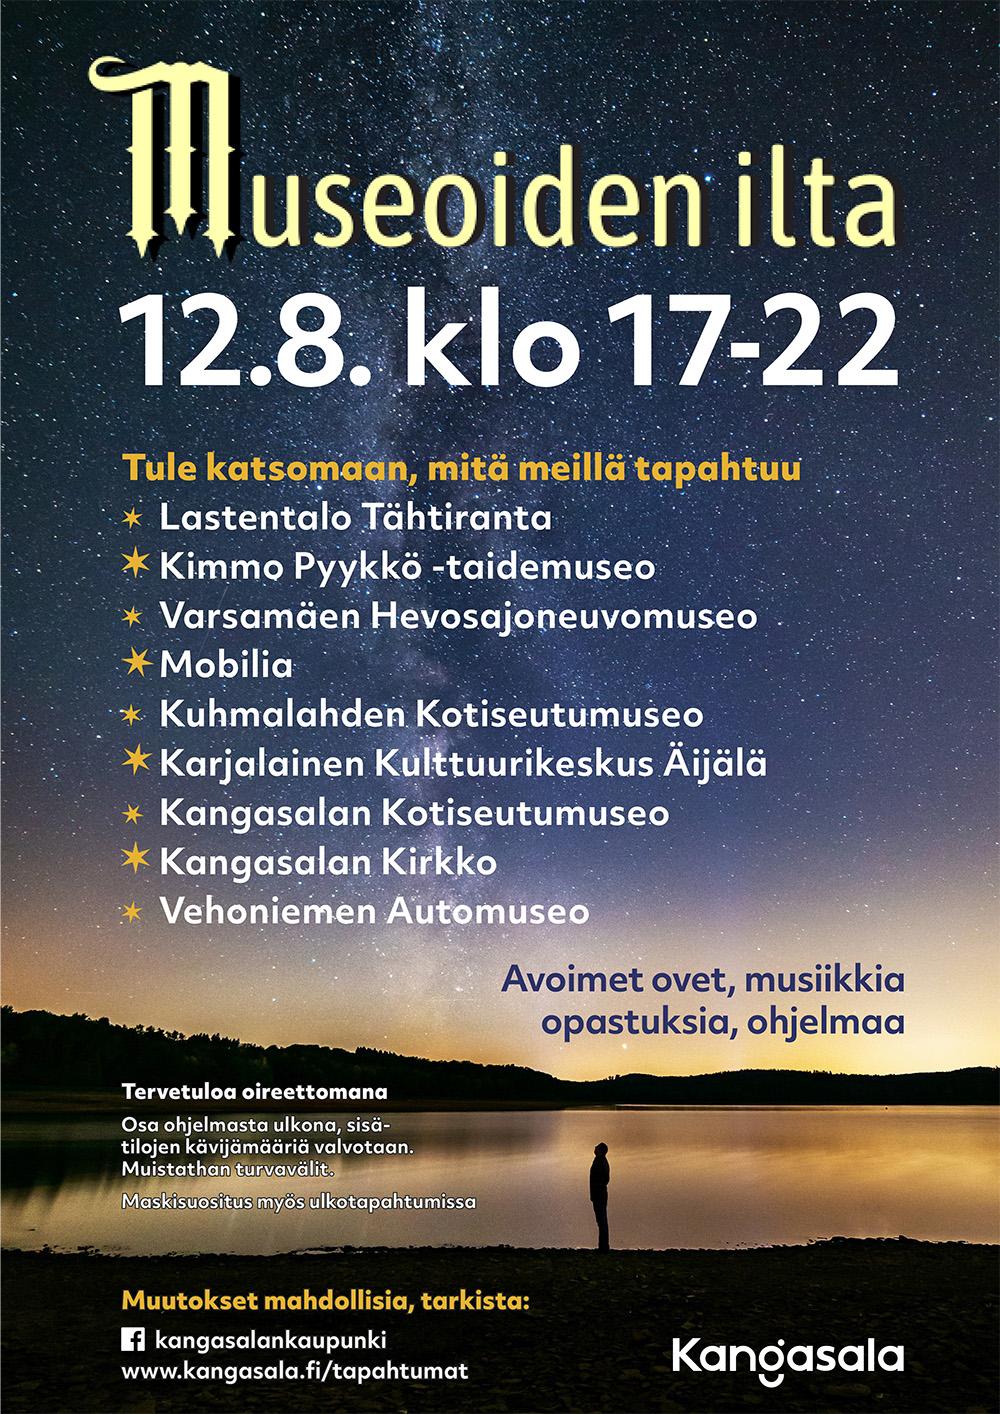 Kimmo Pyykkö -taidemuseo osallistuu Kangasalan Museoiden iltaan 12.8.2021 klo 17-22.